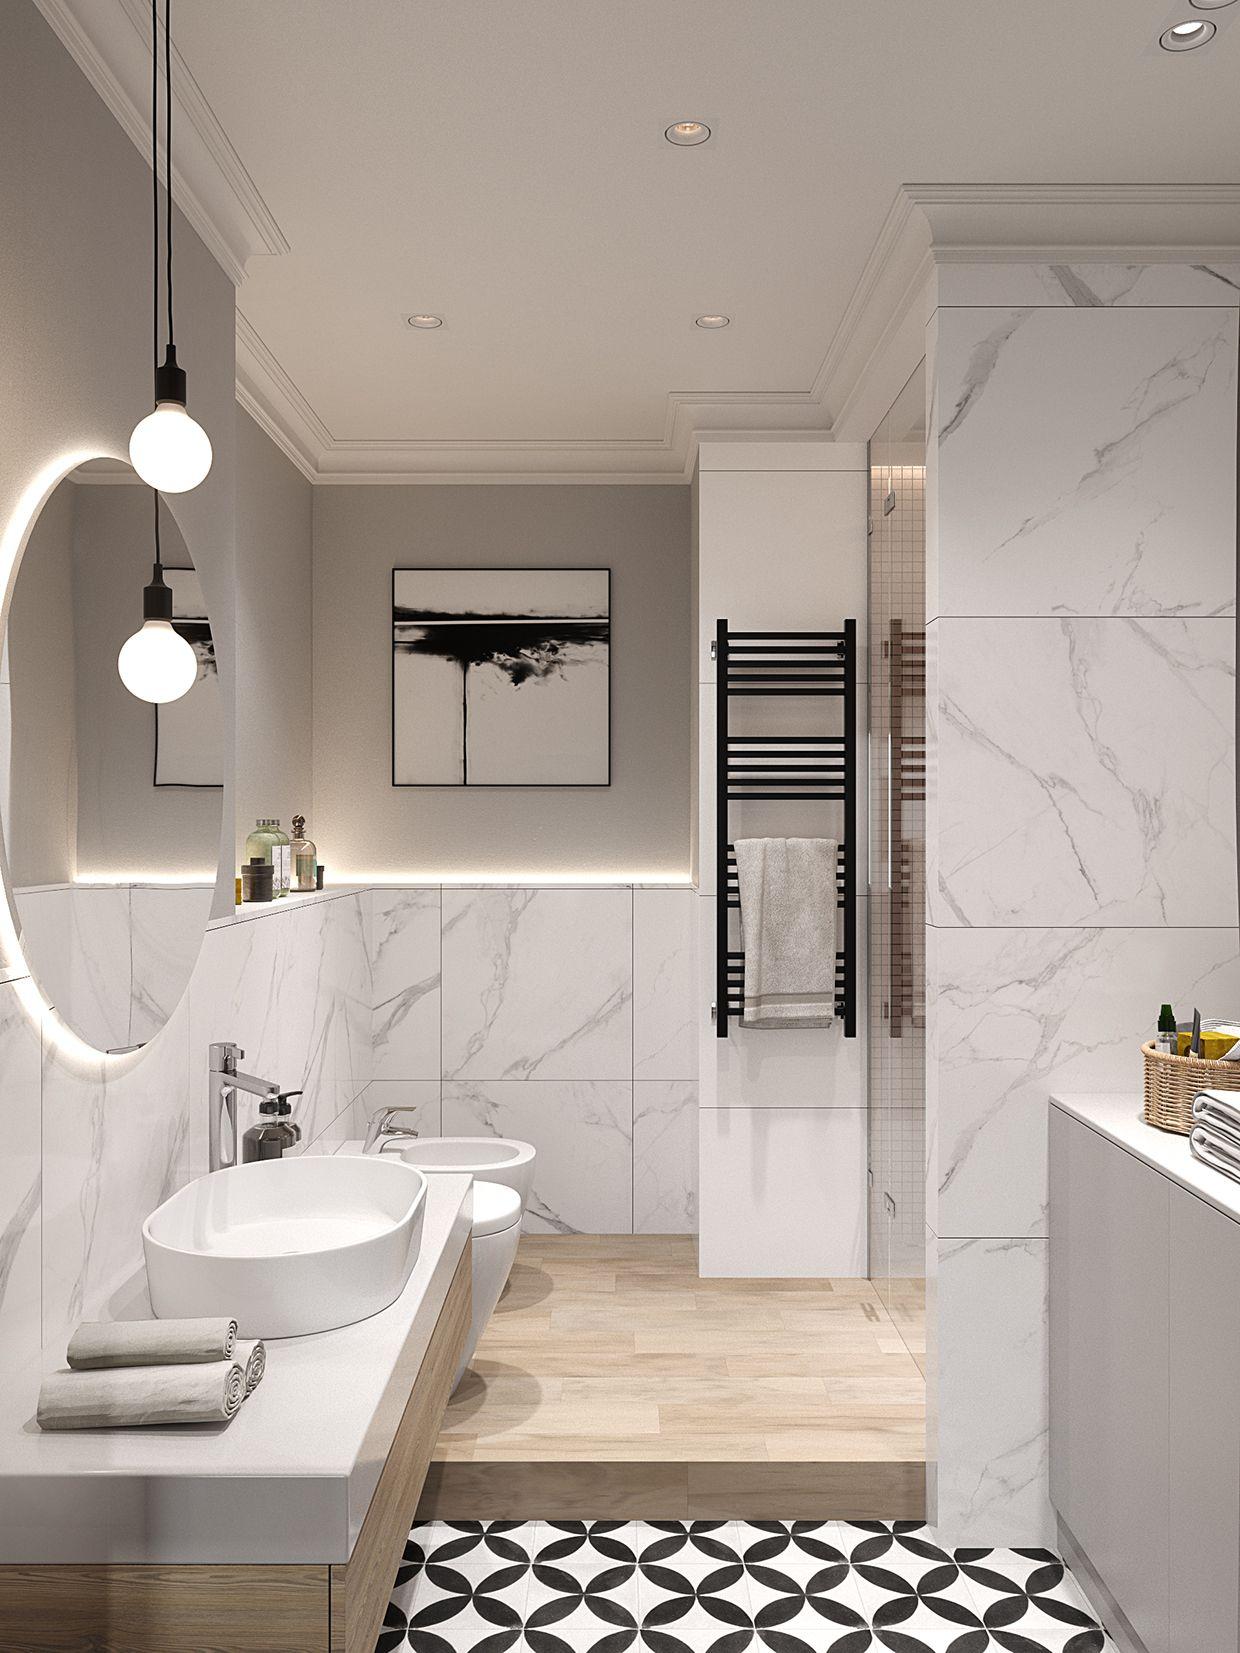 Arredo Bagno Moderno In Marmo.Bagno Con Effetto Marmo Home Style Banos Modernos Bano Marmol E